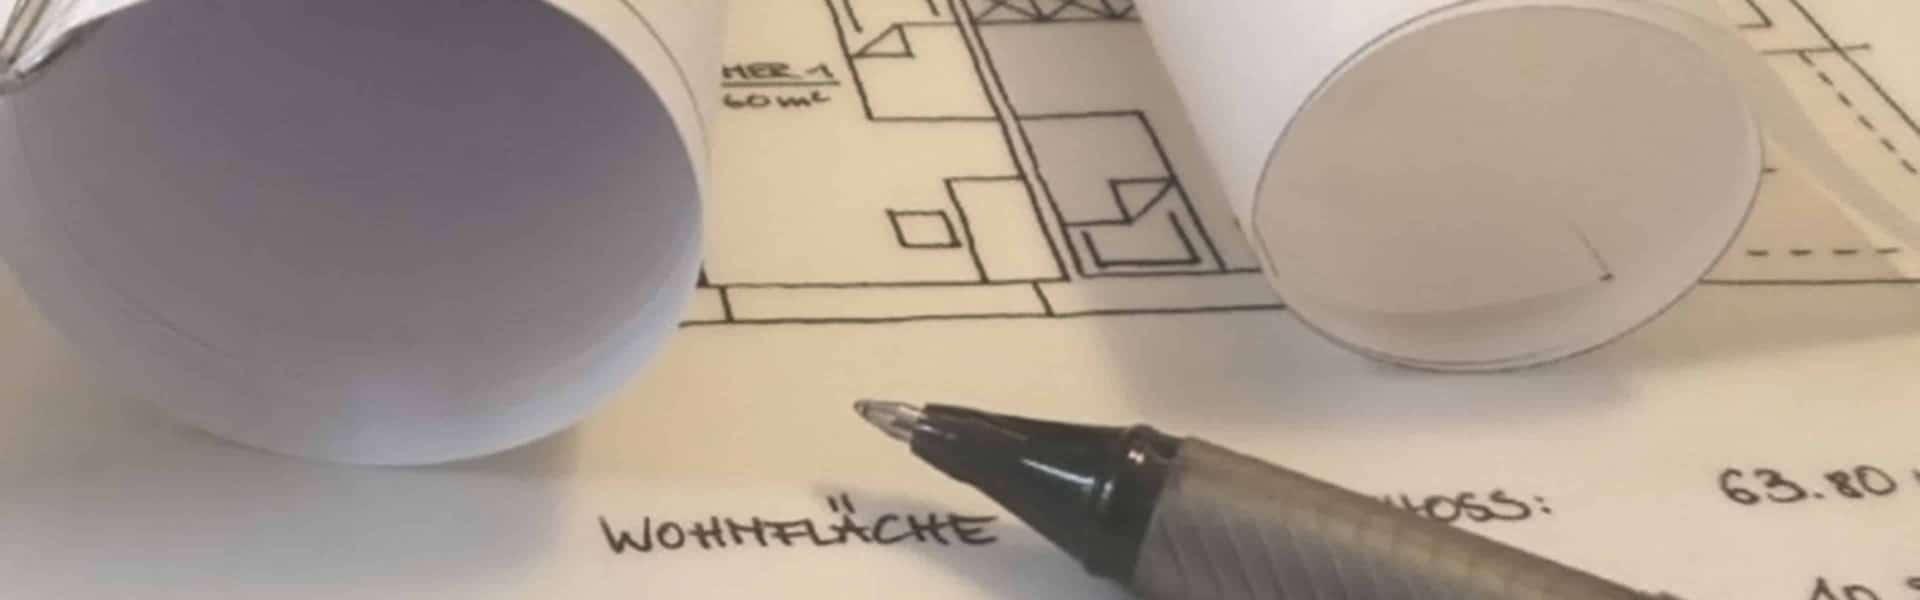 Energiekonzepte für energiesparende Holzhäuser